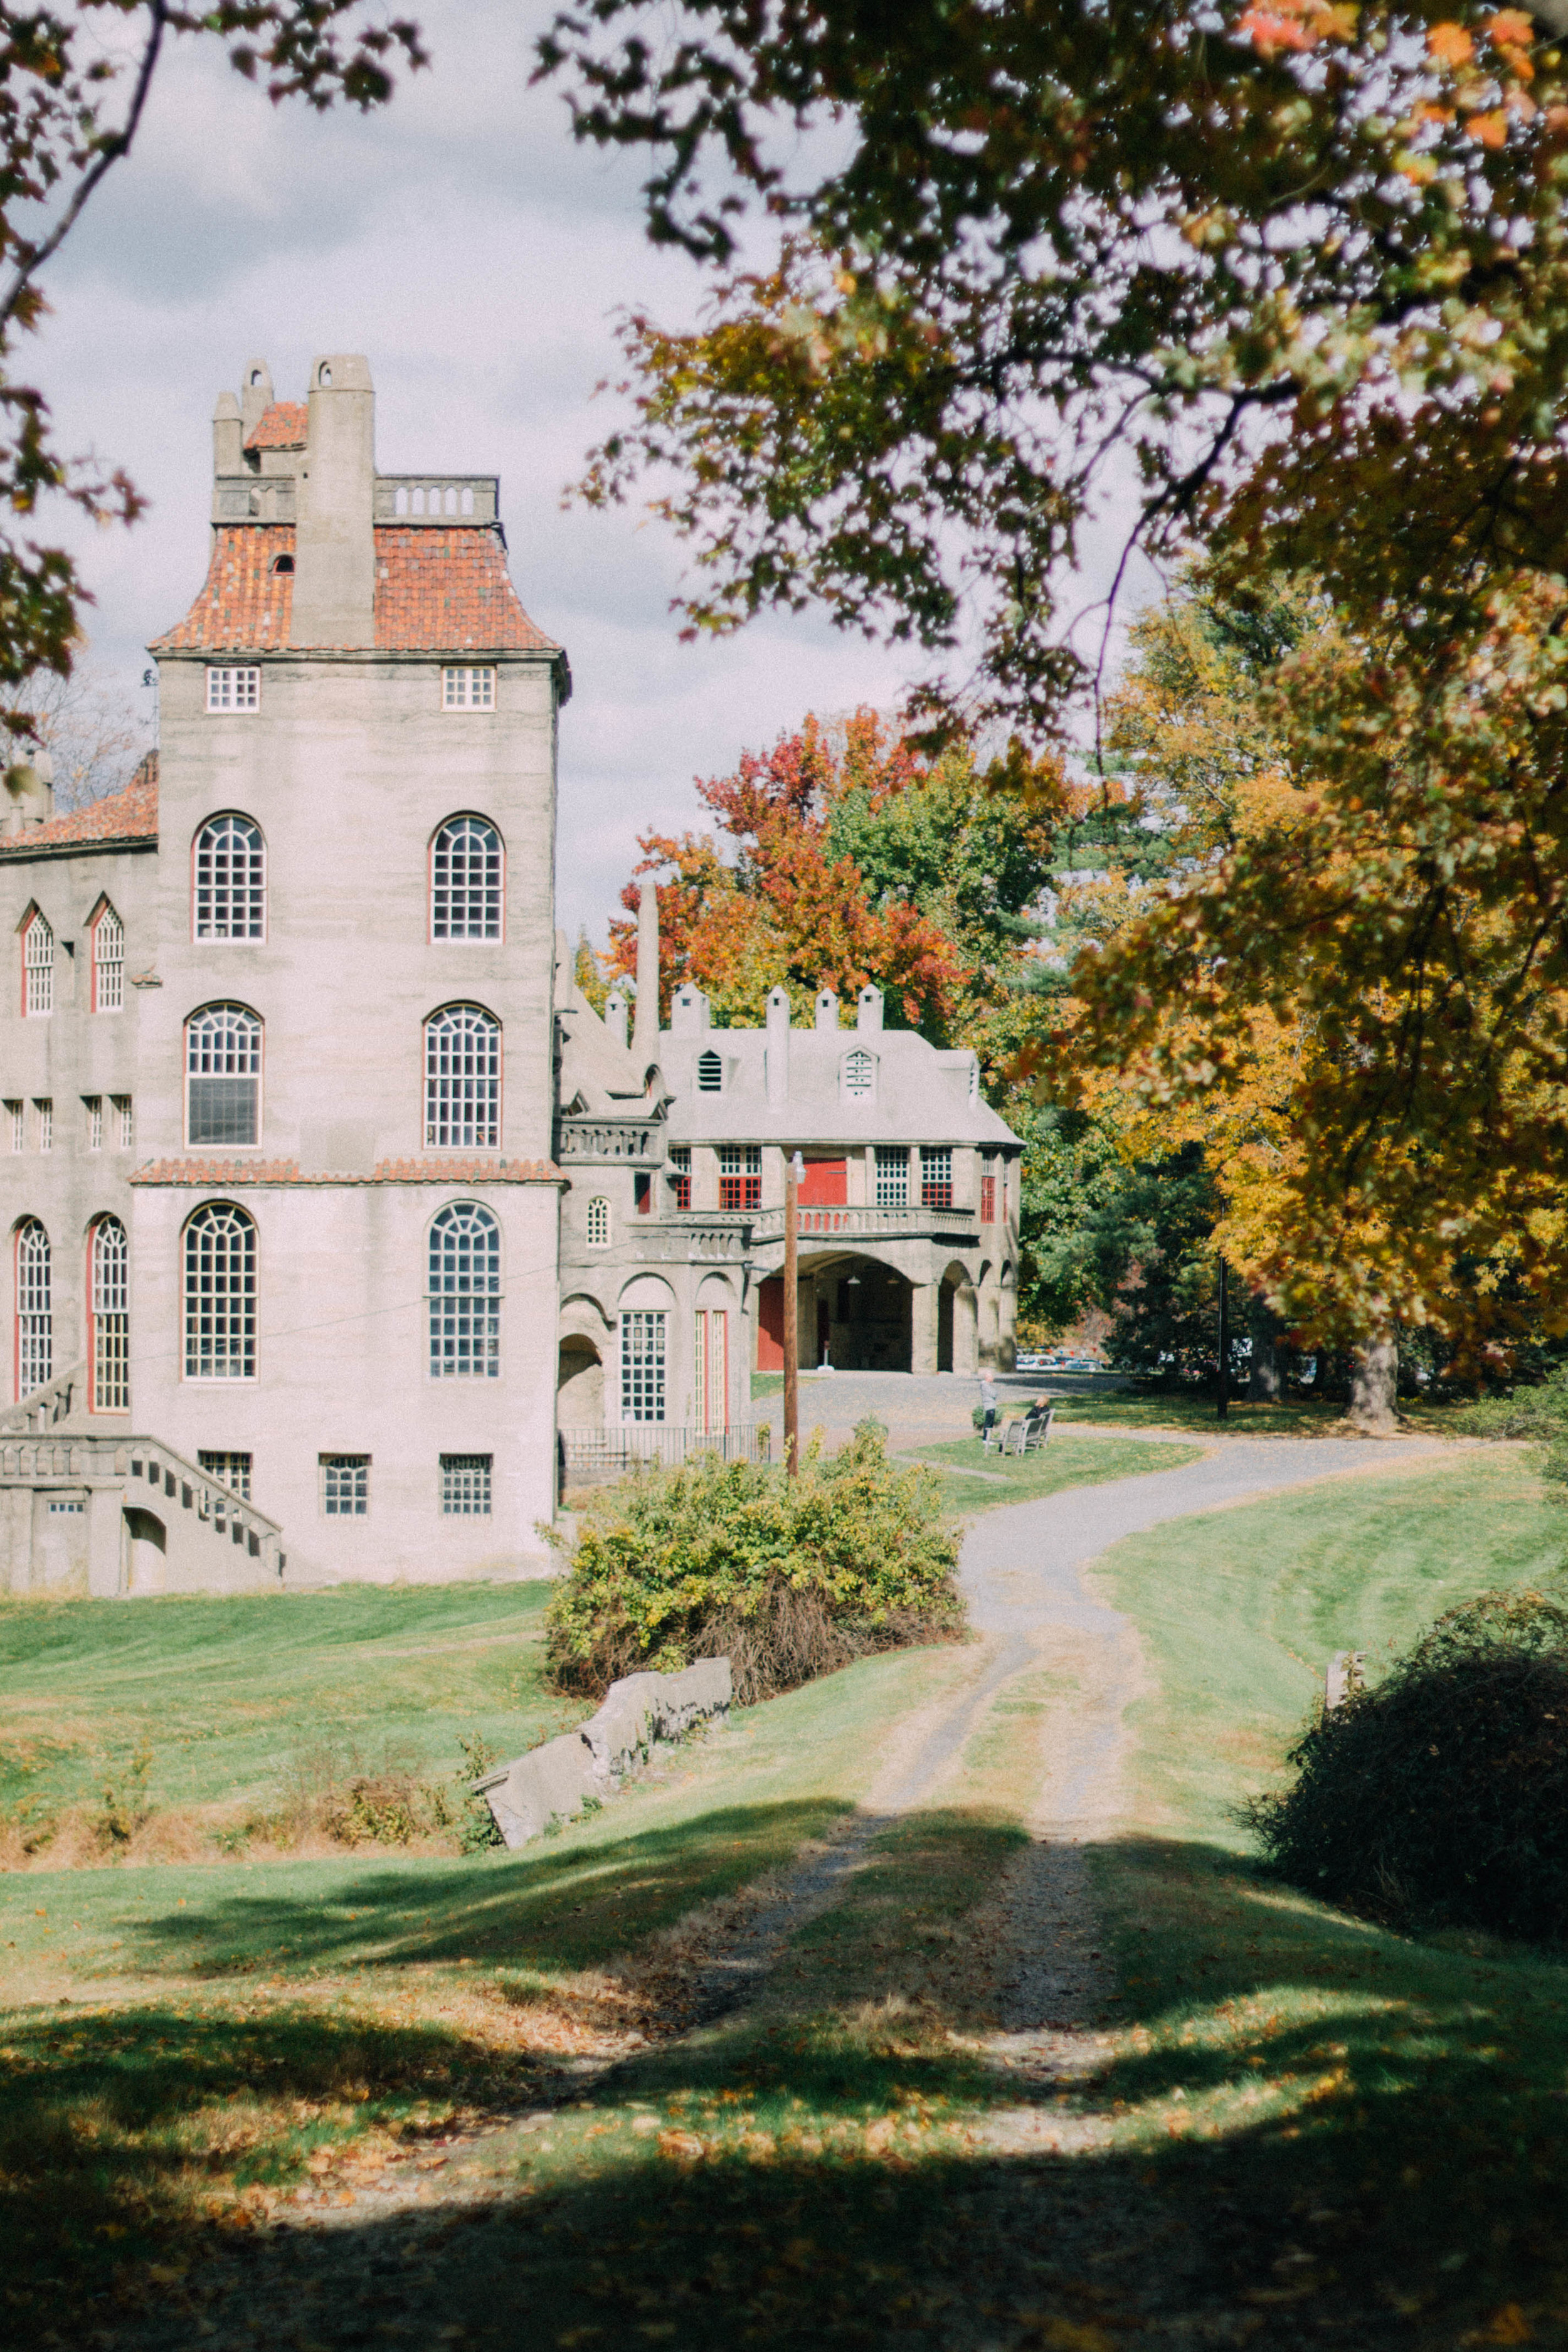 fonthill castle doylestown pa-15.jpg